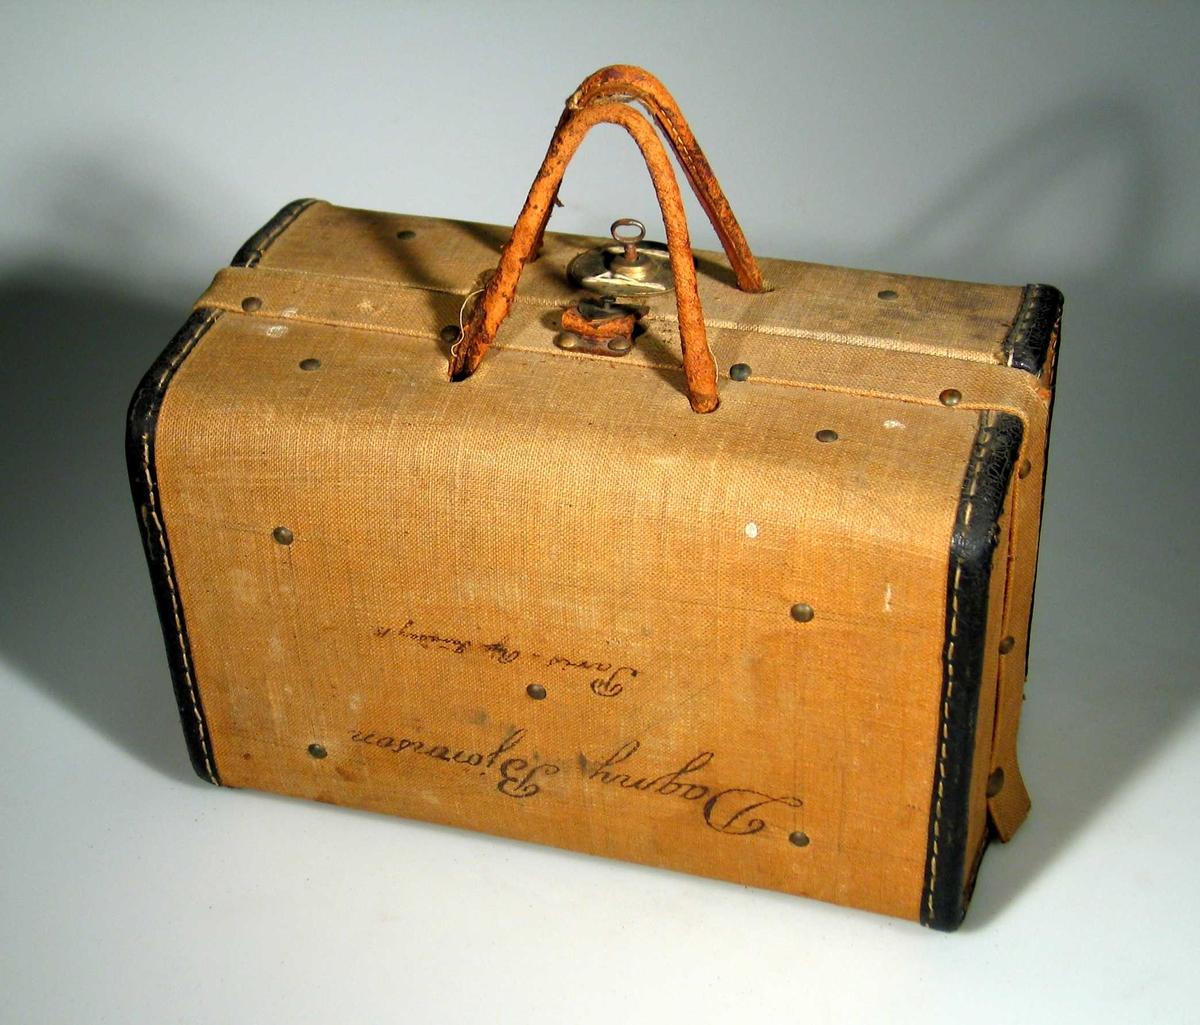 Liten koffert i strietrukket kartong. Den er forsterket med skinnkanter og nagler. Kofferten har håndtak i skinn og metallås med nøkkel. Innvendig er den trukket med rødstripet papir.